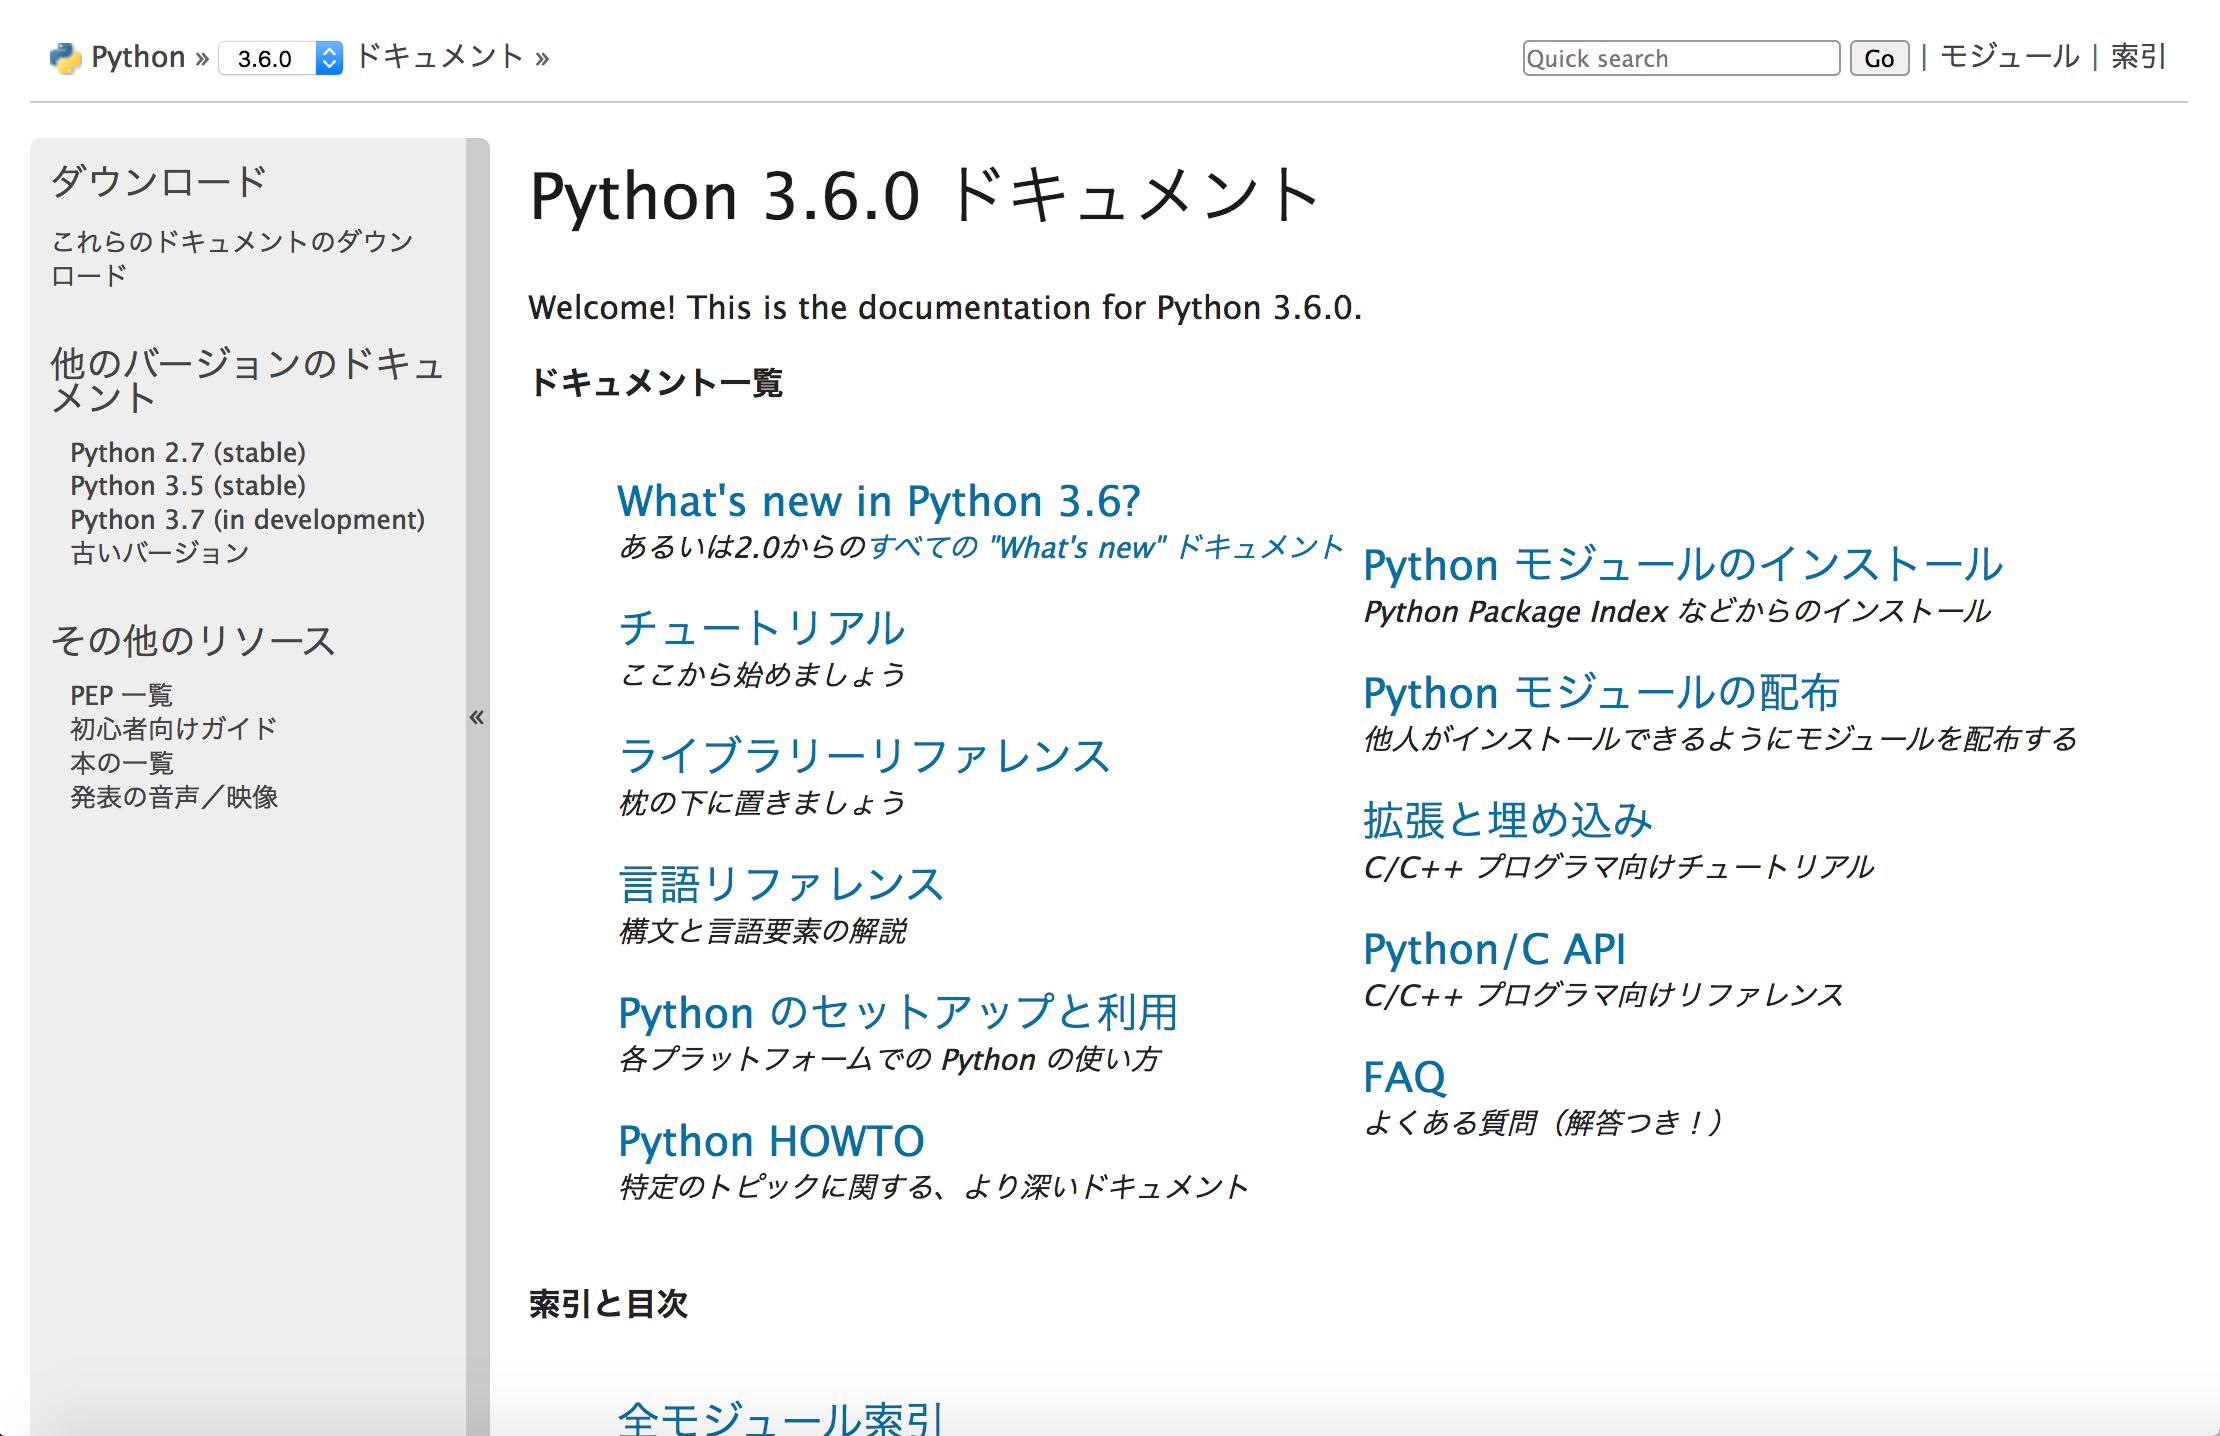 docs.python.jp